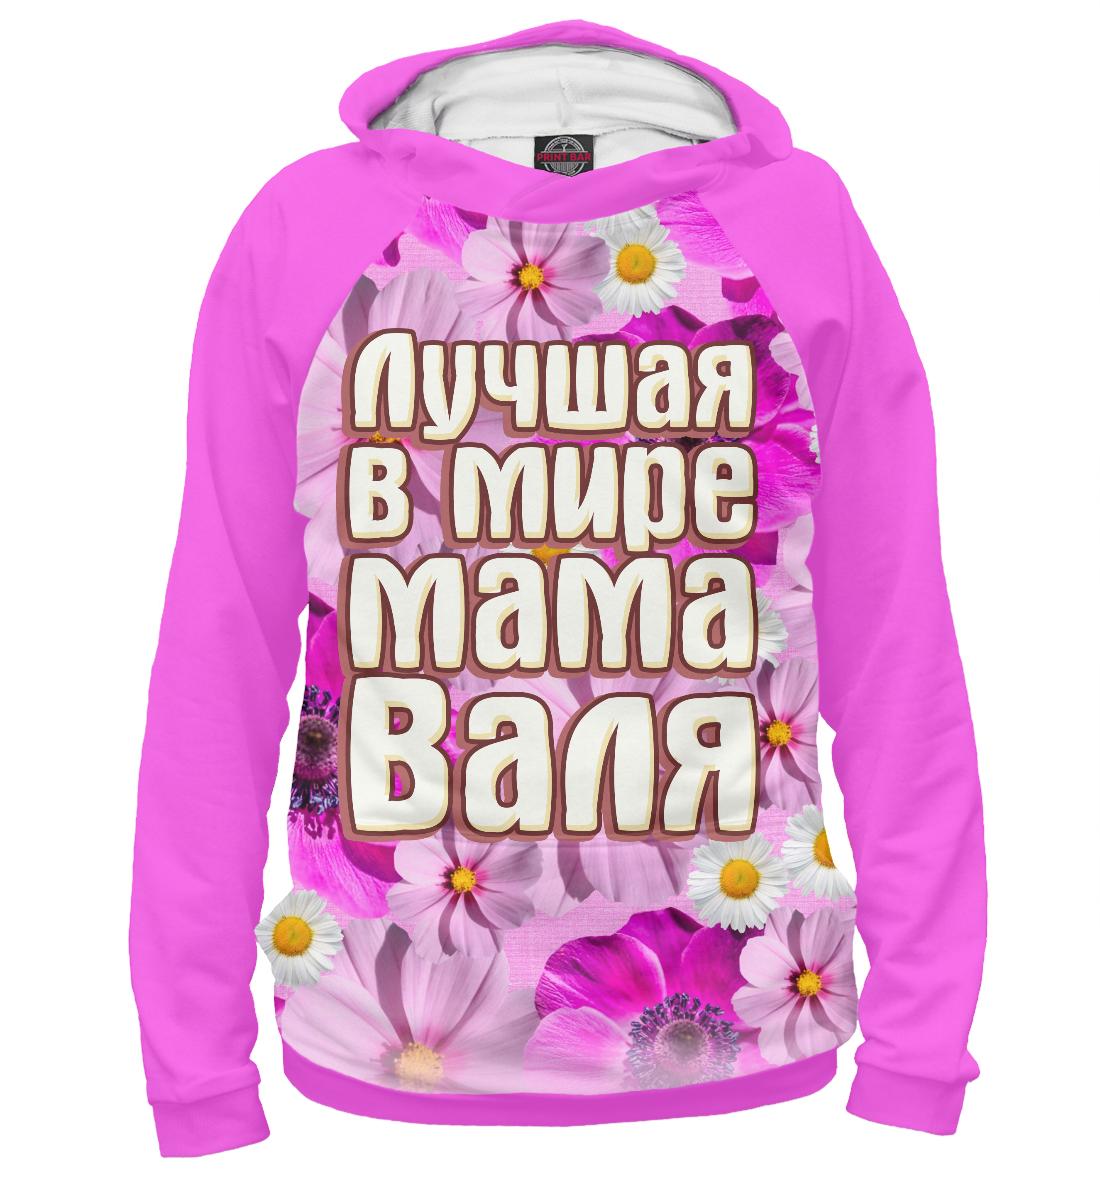 Купить Лучшая в мире мама Валя, Printbar, Худи, NDP-881011-hud-2